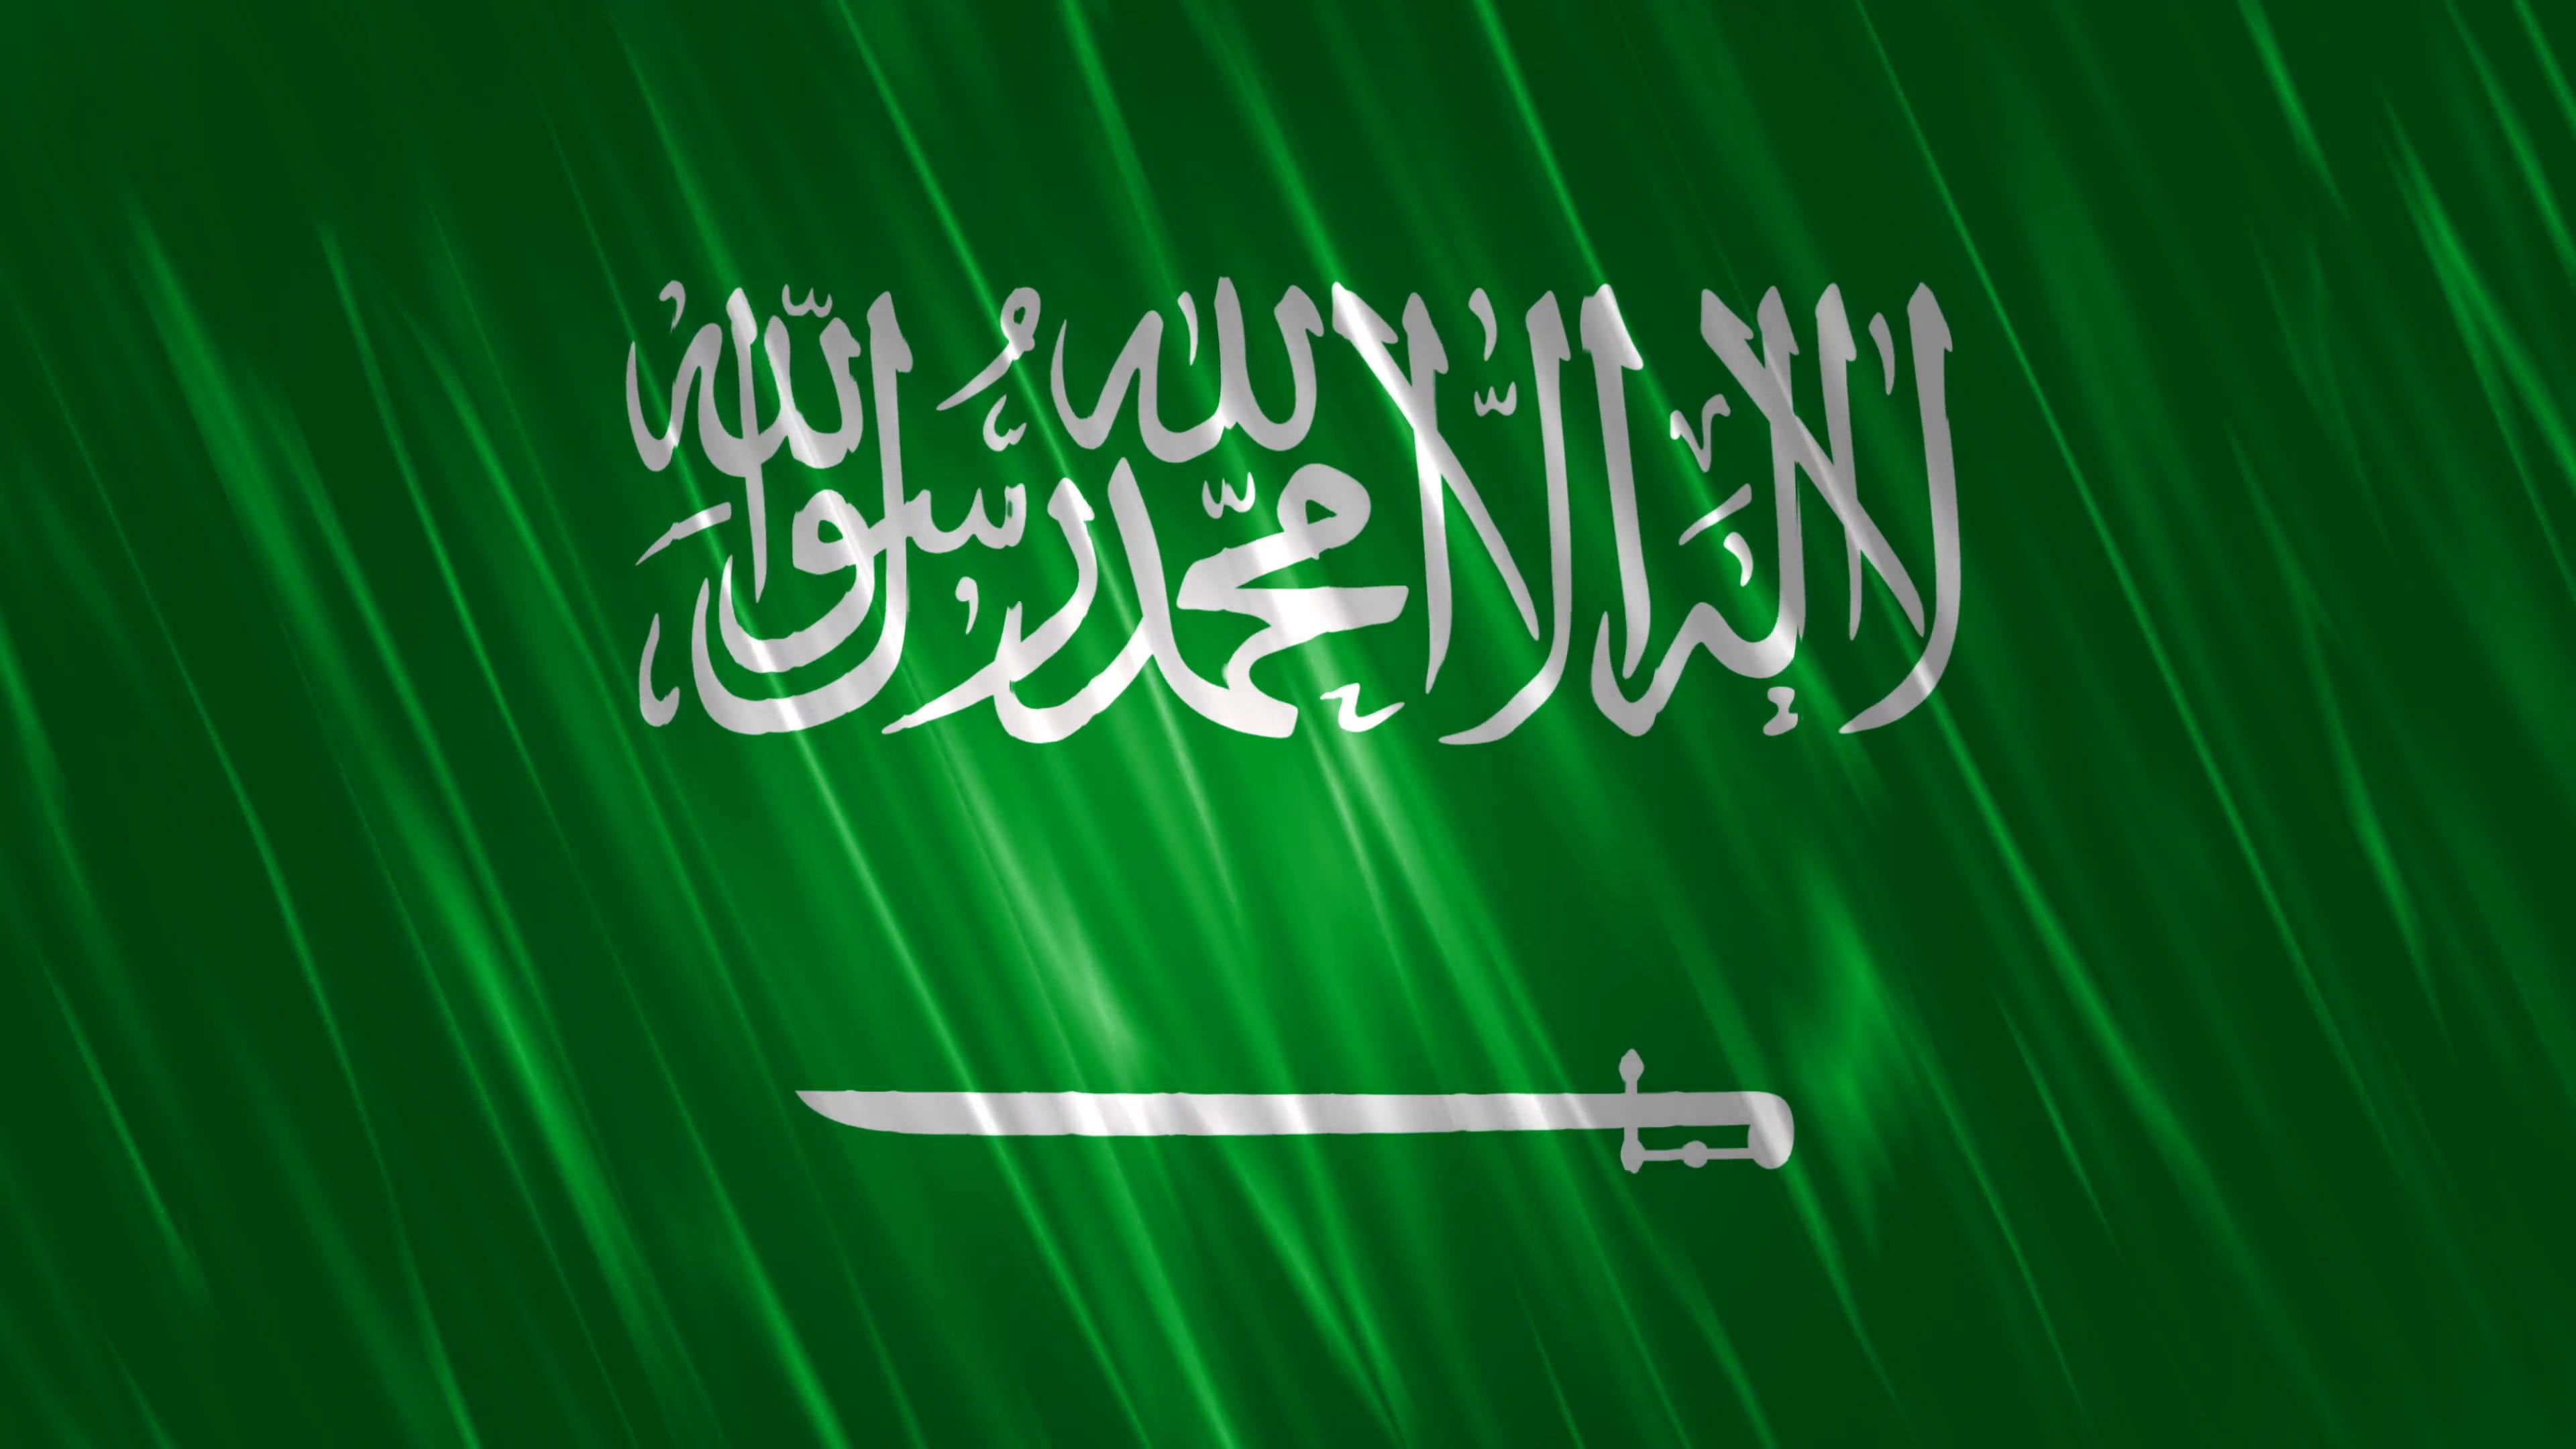 Saudi Arabia National Football Team Wallpapers - WallpaperSafari